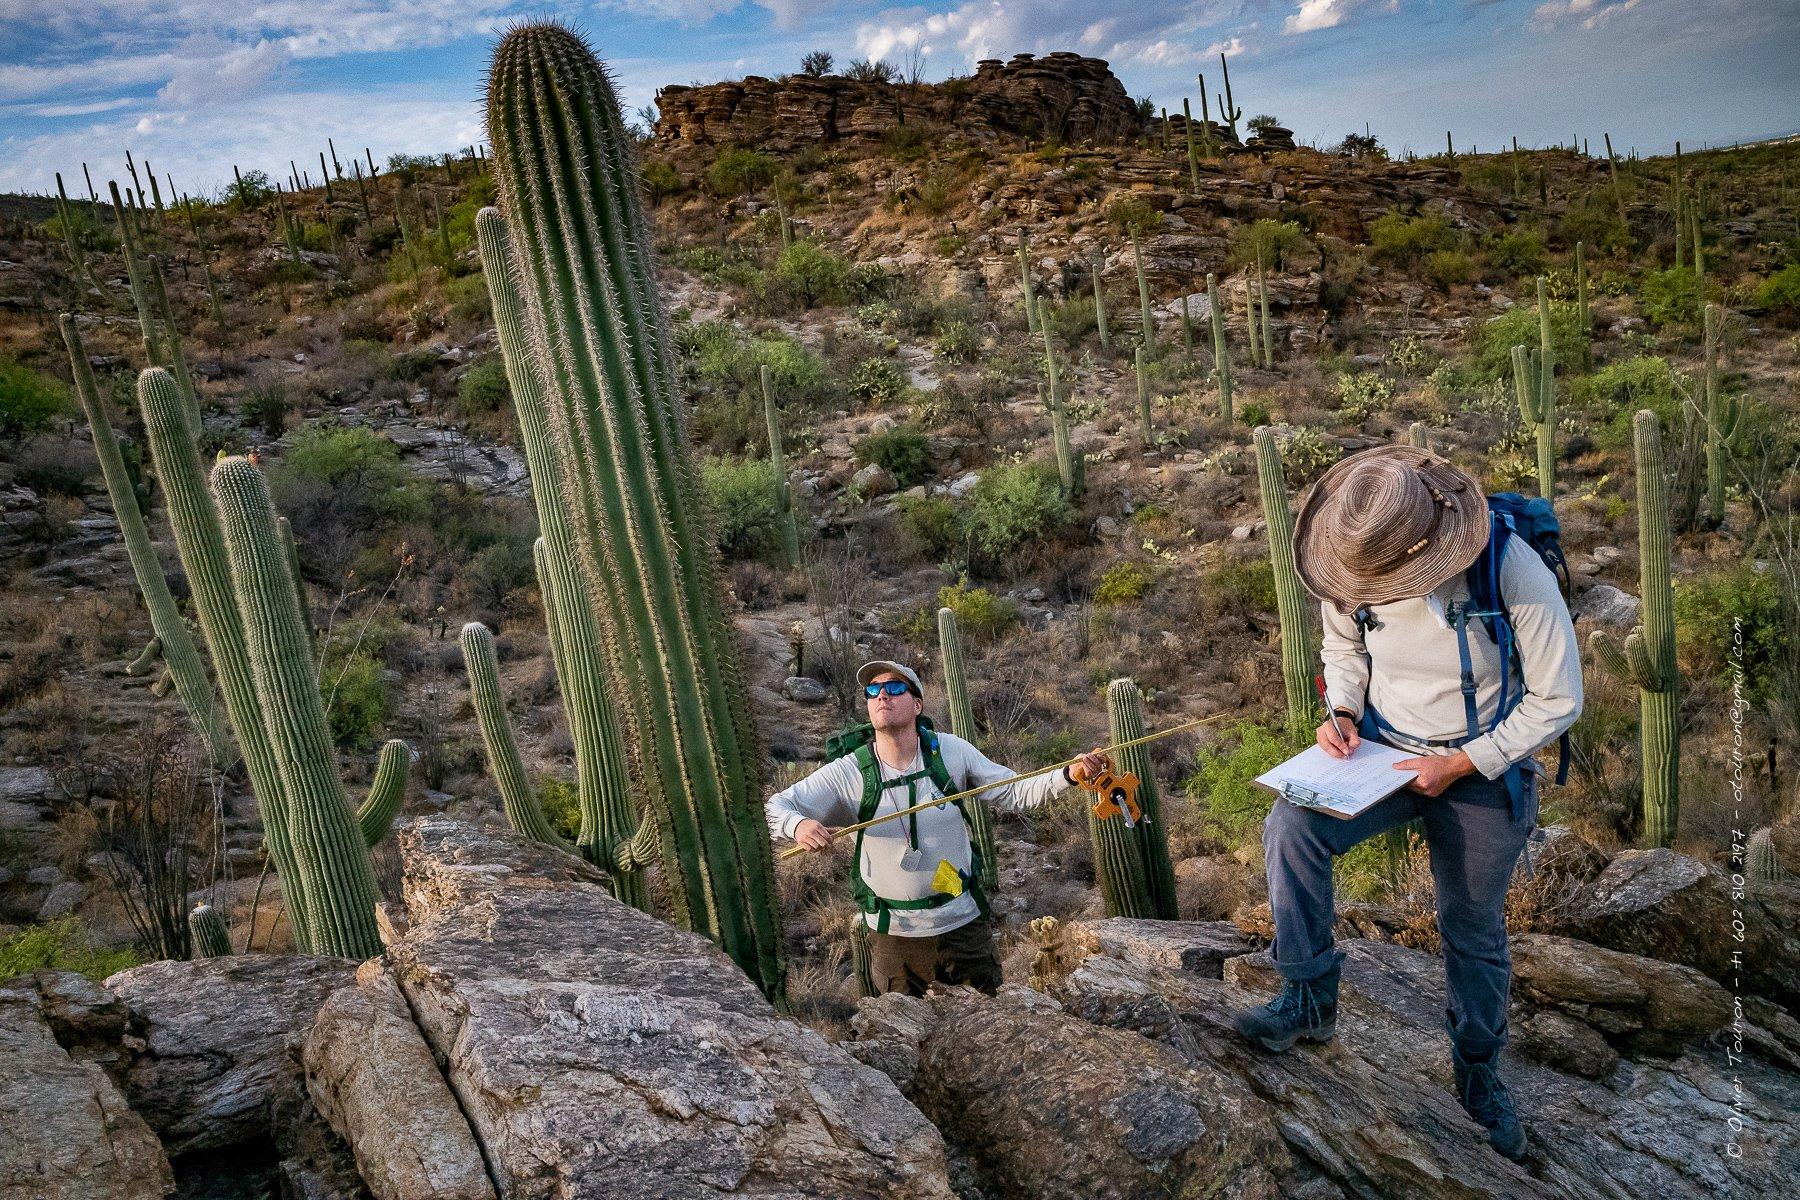 11 juillet 2019. Tucson, Arizona. Saguaro National Park. Lucas Etherington, bio tech, et son équipe sont filmés pour la communication d'une campagne de comptage des Saguaros pour en mesurer l'évolution. // © Olivier Touron / Divergence